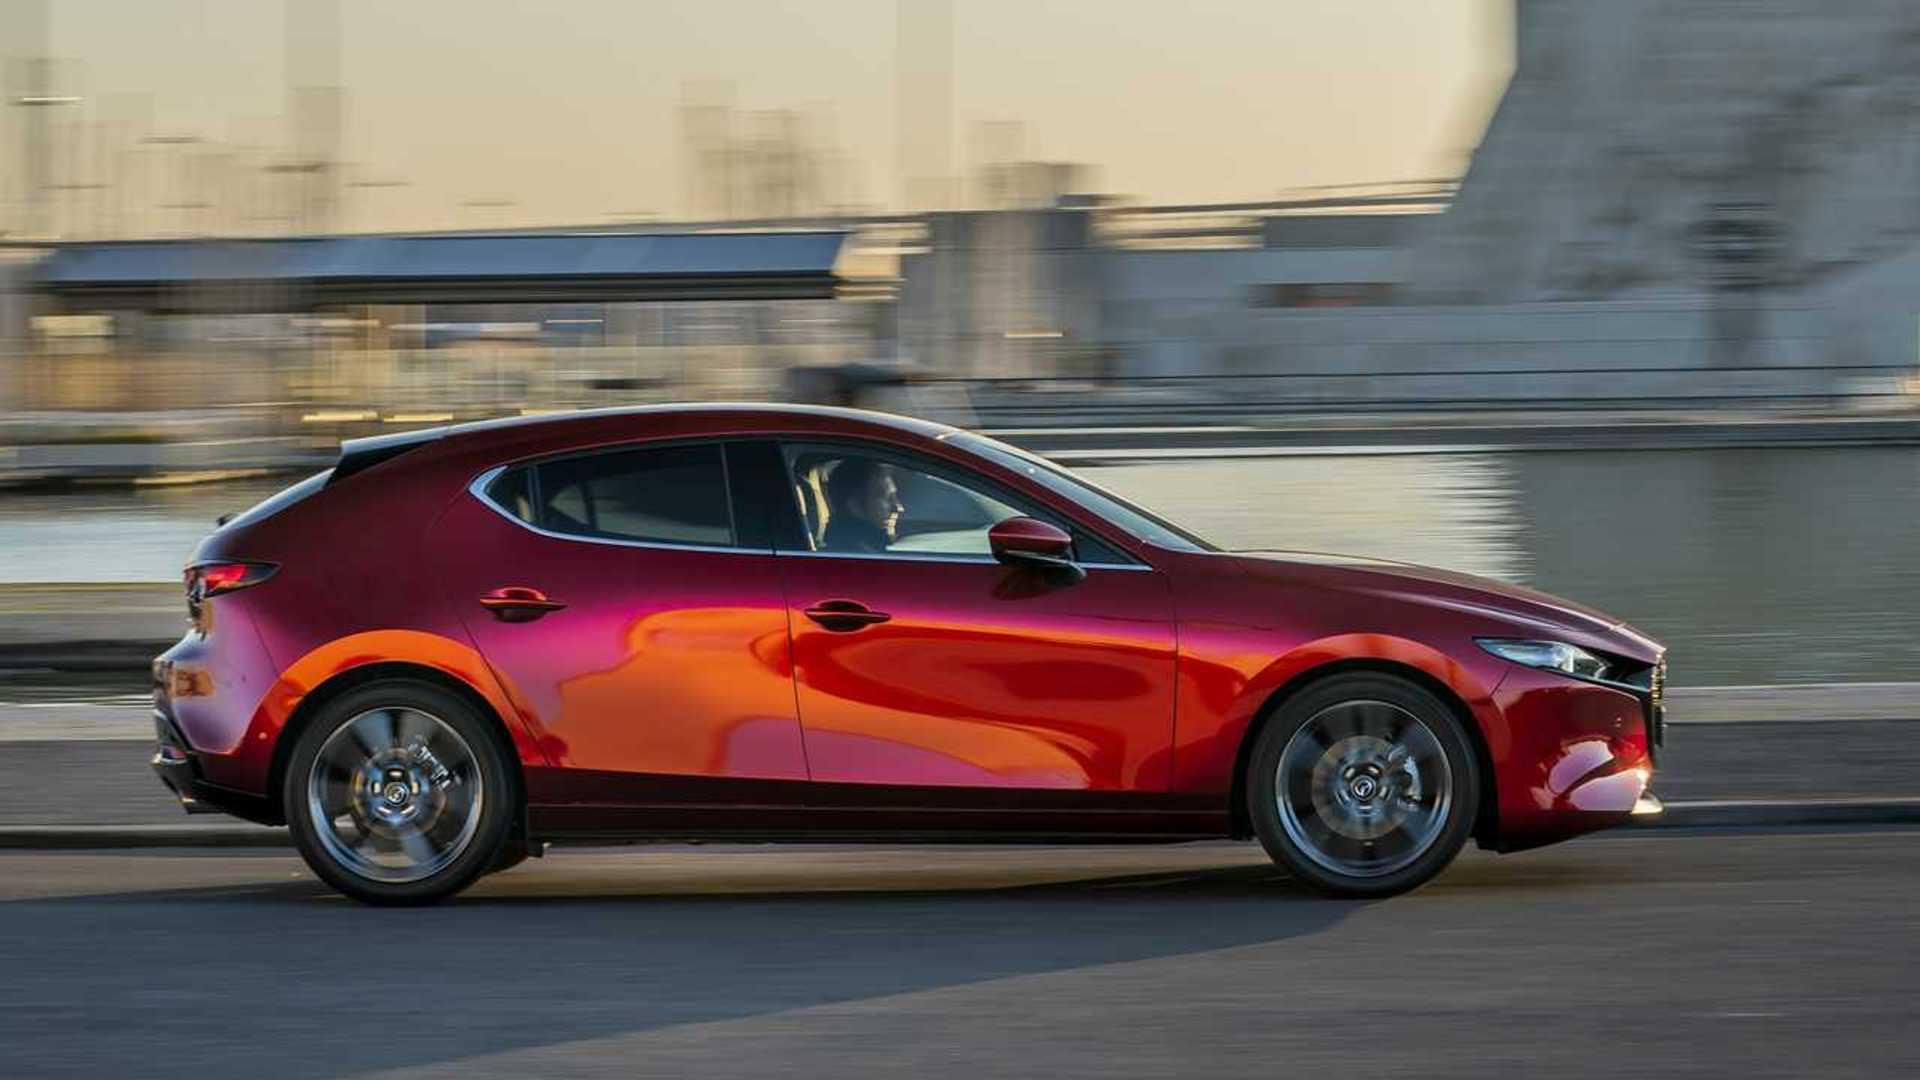 Mazda CX-3 test 1.8 Skyactiv-D Exceed | La prova verità ...